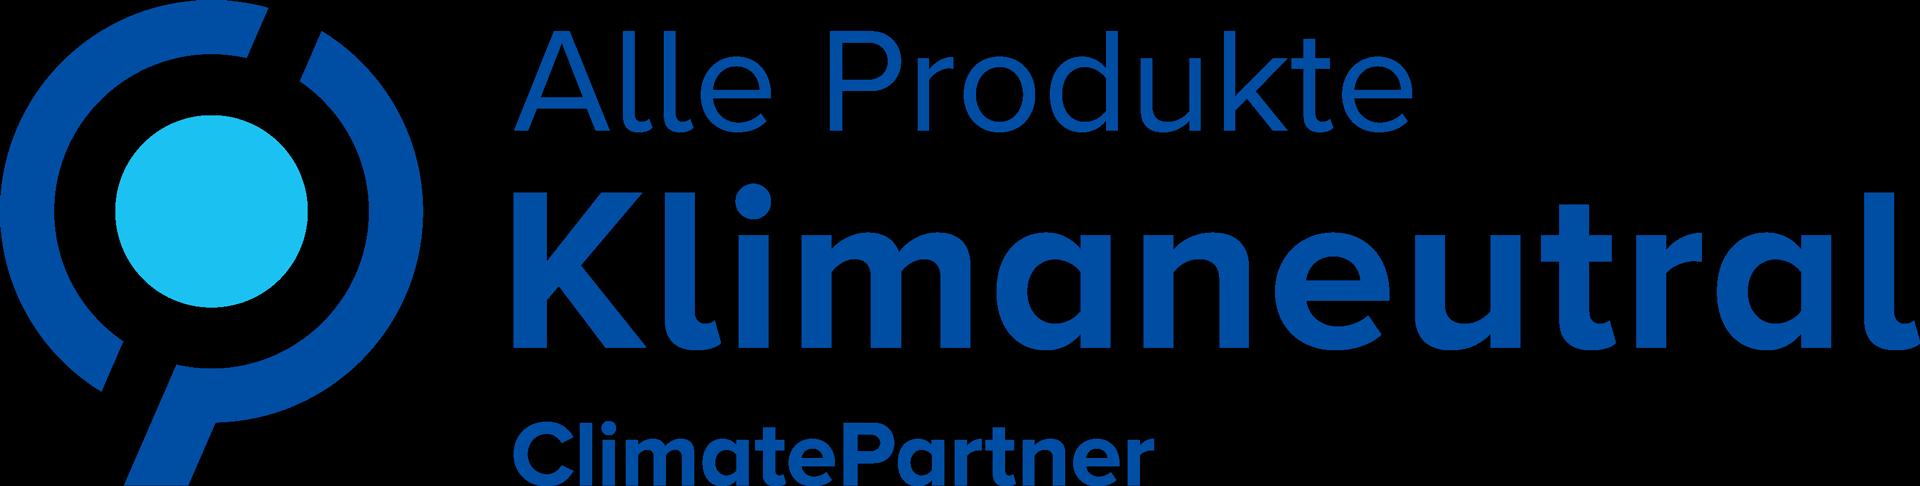 ClimatePartner - Alle Produkte Klimaneutral